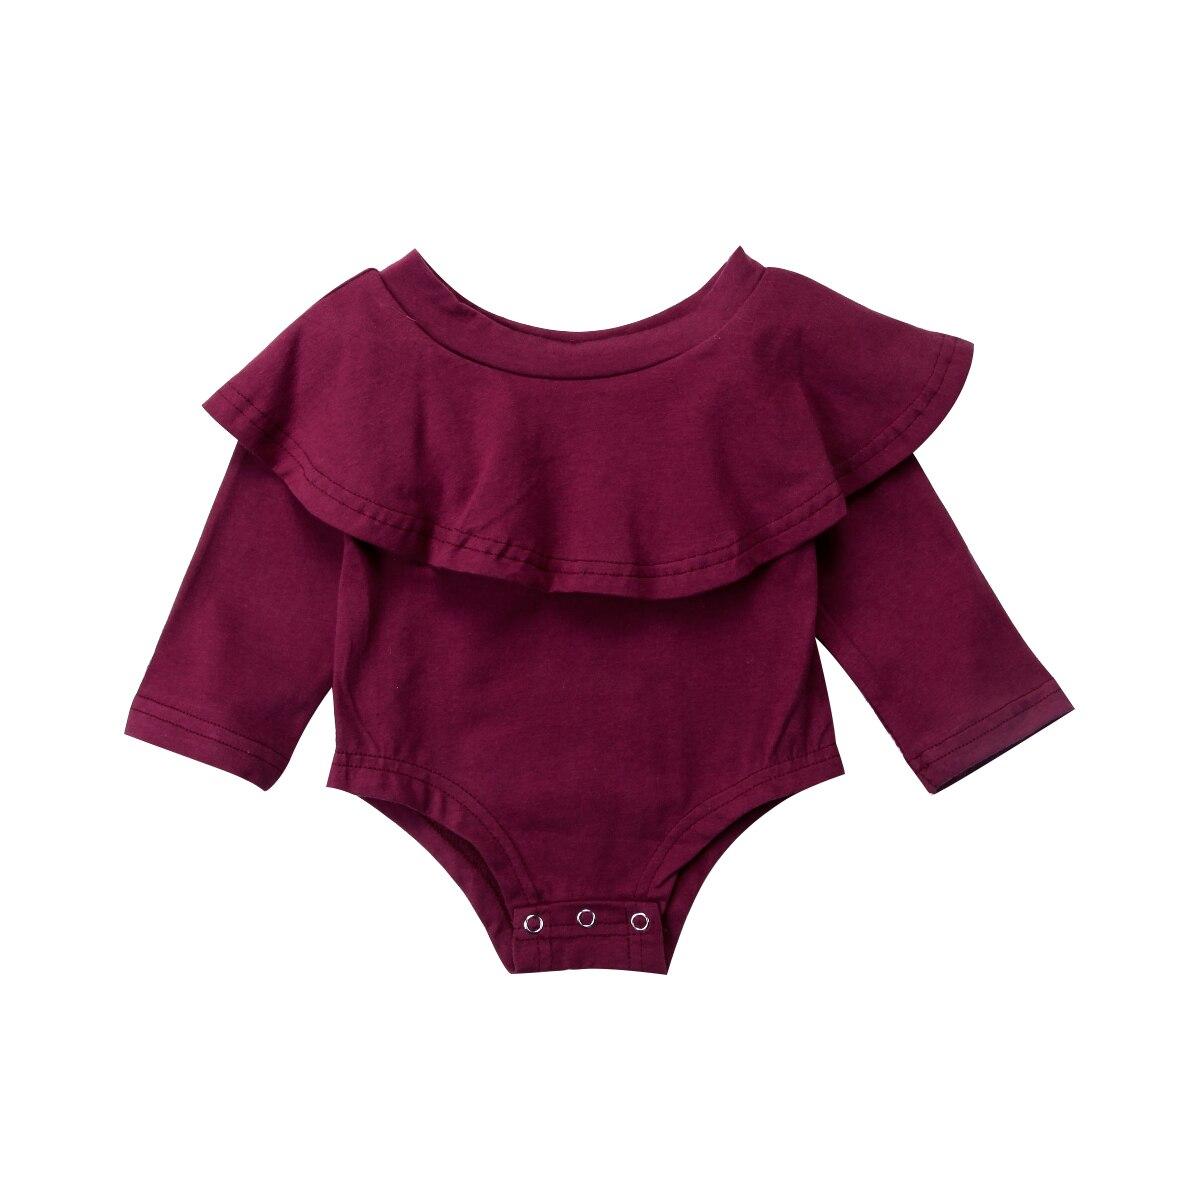 2017 Beiläufige Kleinkind Baby Mädchen Schulterfrei Langarm Bodysuitoverall Outfits Set Größe 0-24 Mt Komplette Artikelauswahl